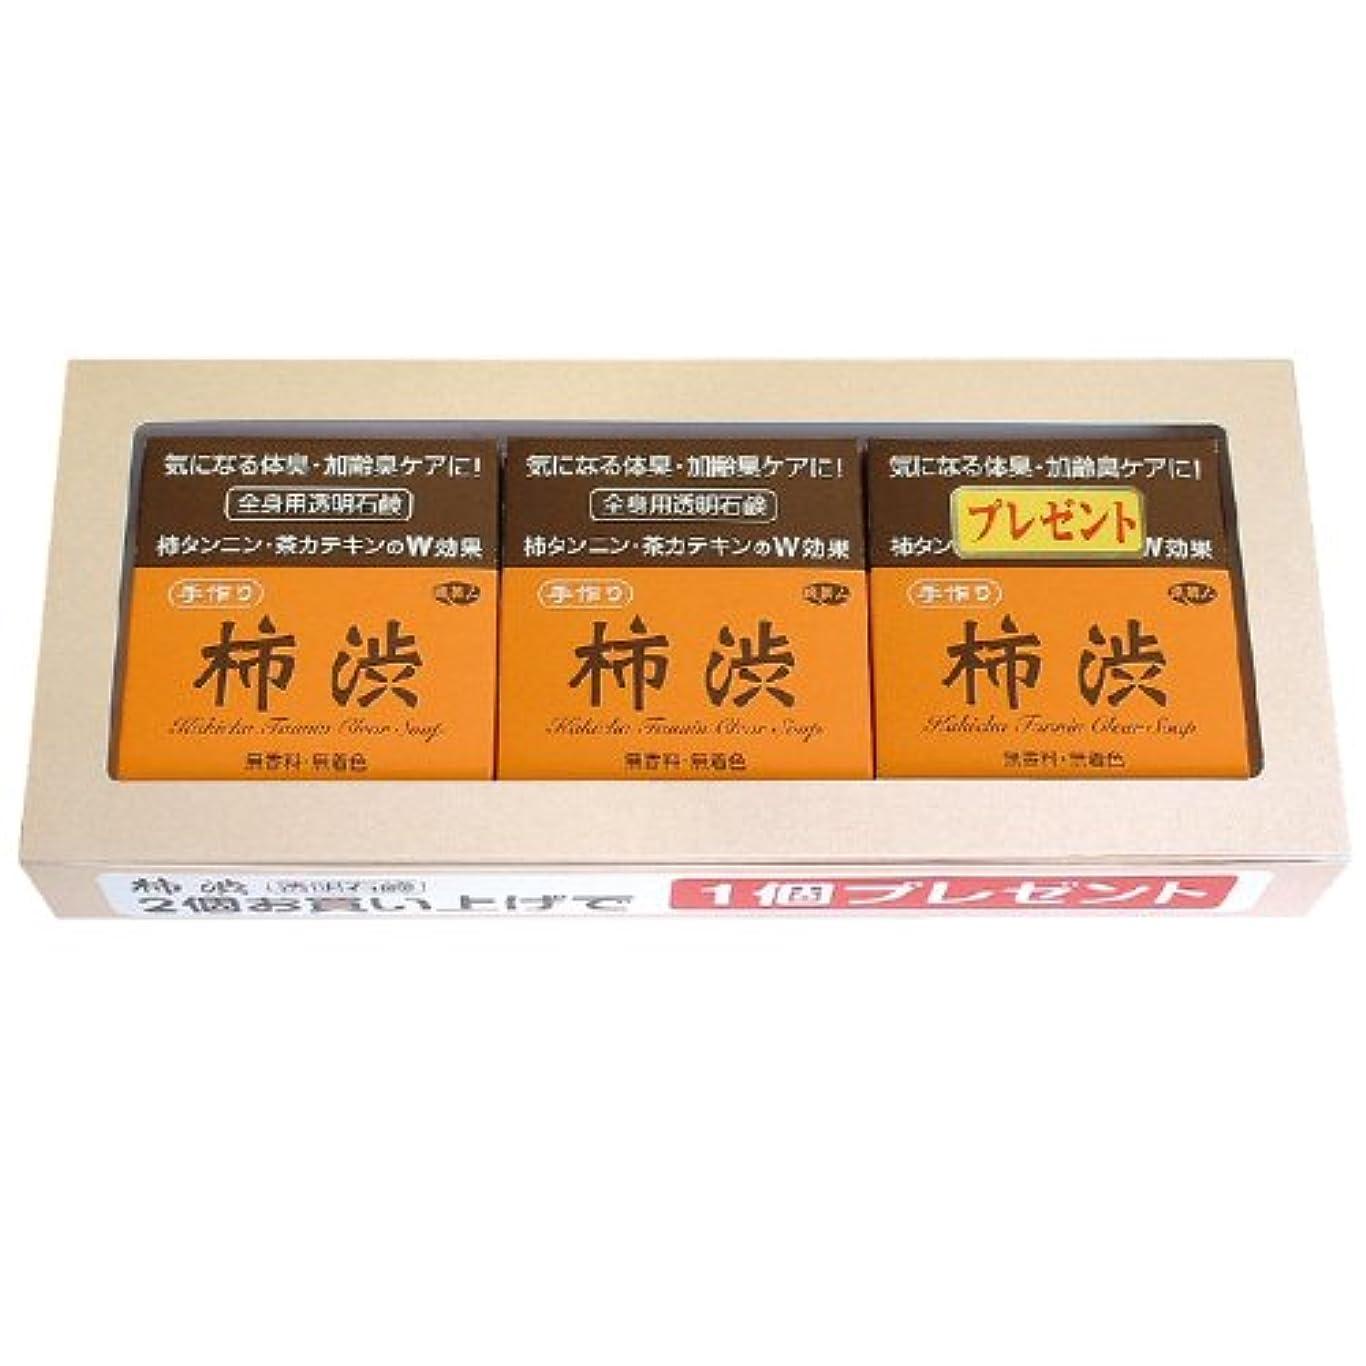 識別光沢約設定アズマ商事の 柿渋透明石鹸 2個の値段で3個入りセット